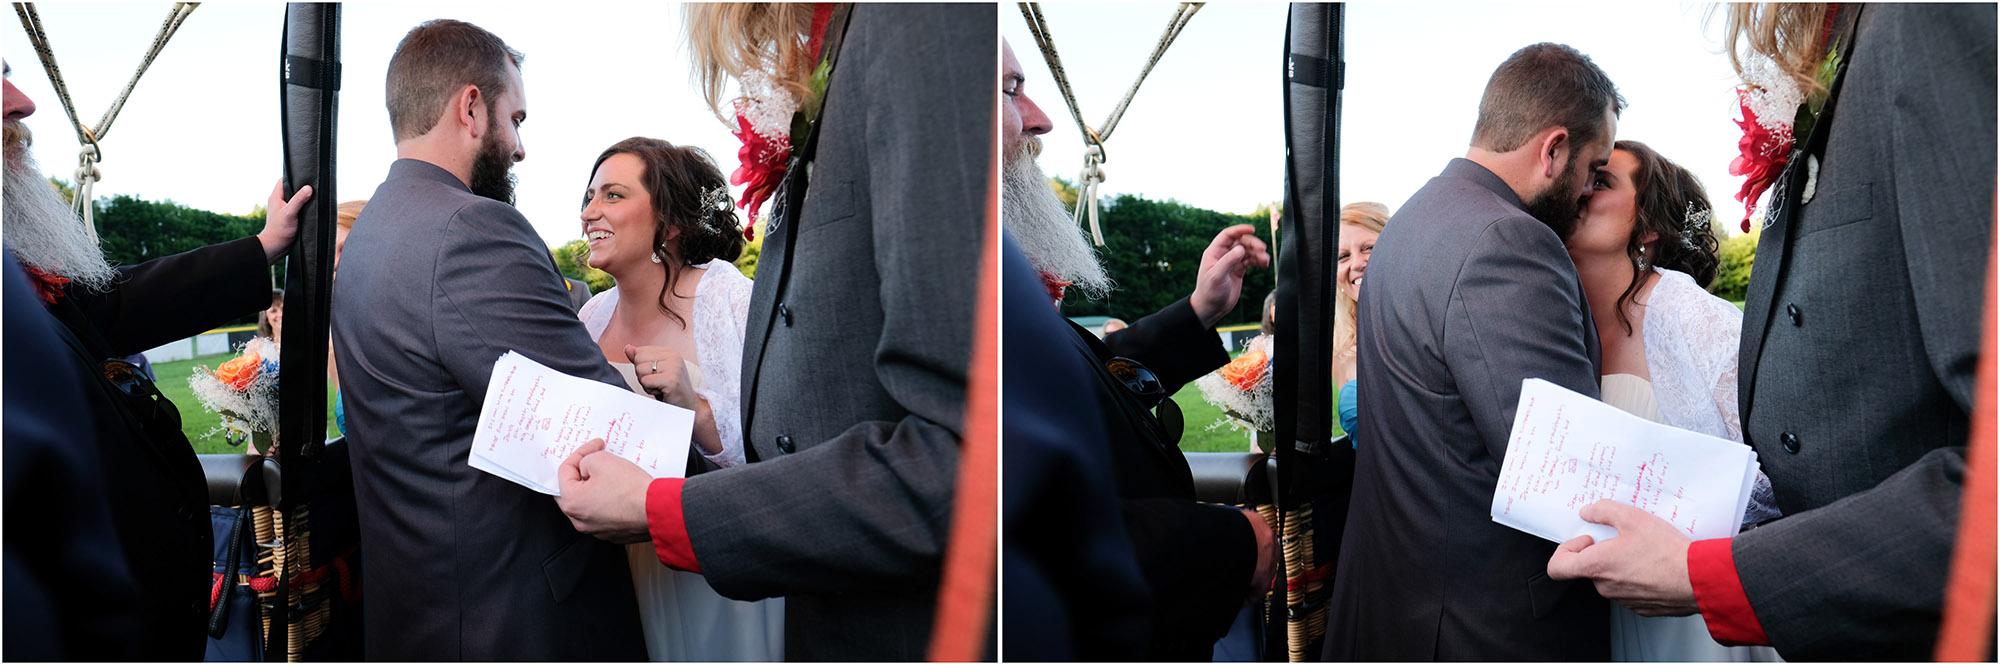 Shawn & Danielle Hot Air Balloon Wedding 33